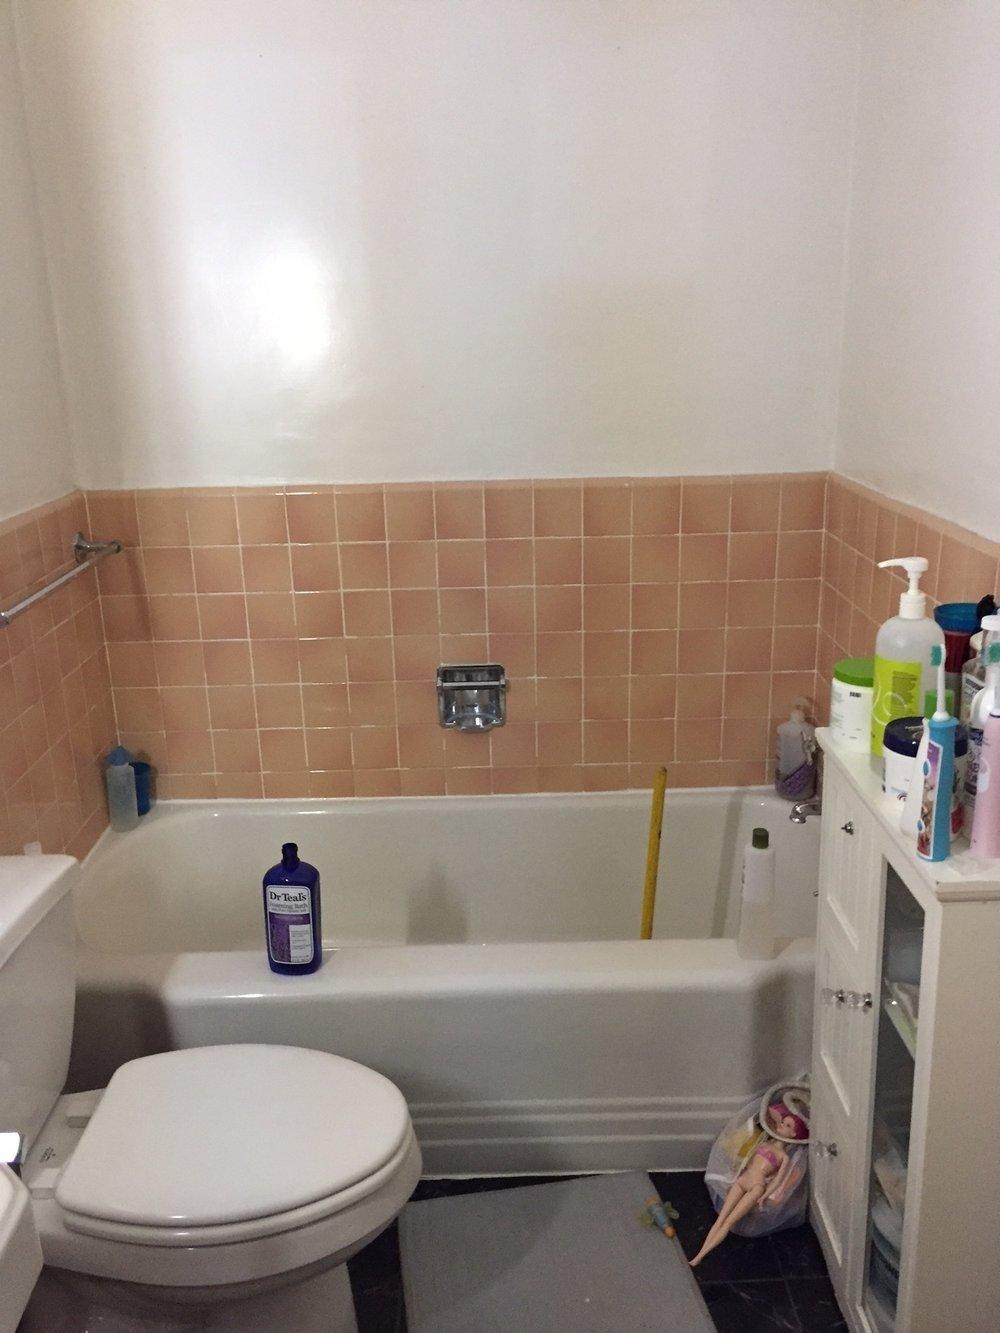 pinkbathroomtub.JPG